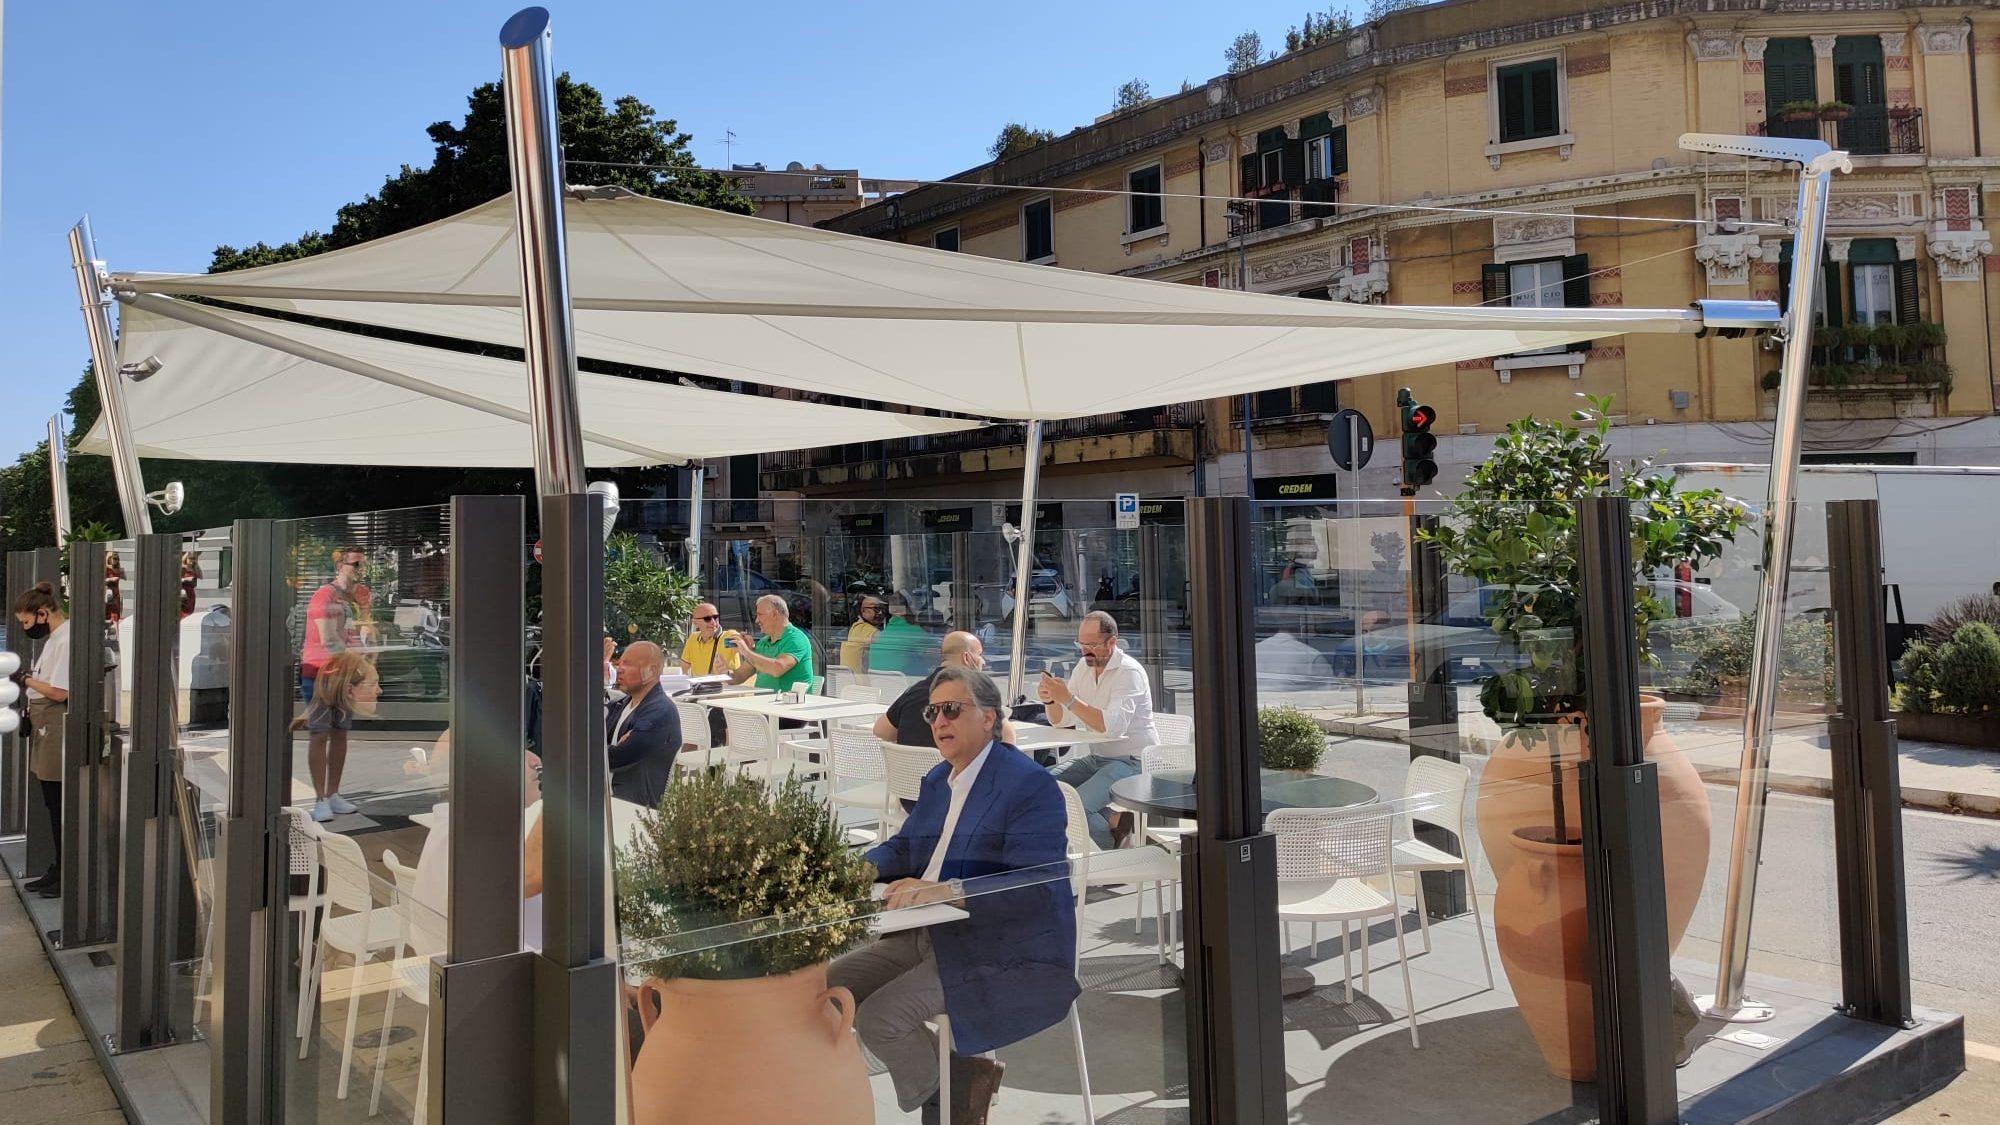 L'ex Ritrovo Billè tra passato e presente: riapre uno dei locali storici di Messina